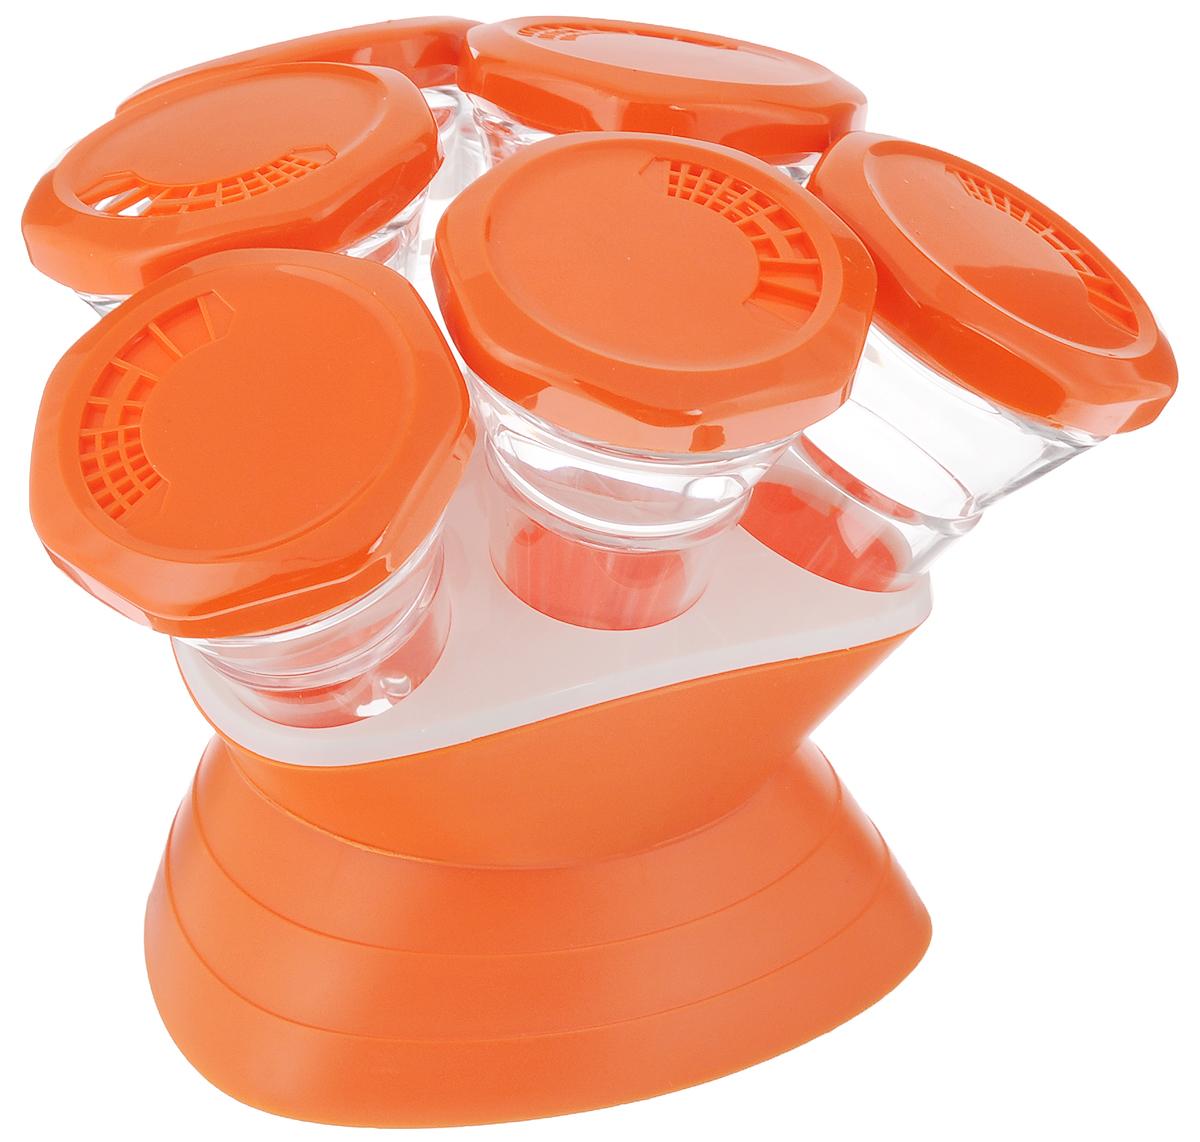 Набор для специй Mayer & Boch, 7 предметов. 2329623296Набор Mayer & Boch состоит из 6 банок для специй и подставки. Баночки изготовлены из акрила. Крышки, выполненные из пластика оранжевого цвета, плотно закрываются и предотвращают высыпание специй. Имеются регулируемые отверстия, с помощью которых можно обильно или слегка приправить блюдо. Баночки идеально подойдут для соли, перца и других специй. Изделия размещаются на специальной подставке. Оригинальный набор эффектно украсит интерьер кухни, а также станет незаменимым помощником в приготовлении ваших любимых блюд. С таким набором специи надолго сохранят свежесть, аромат и пряный вкус. Объем баночек: 70 мл. Высота баночек: 12 см. Диаметр баночек: 6,5 см. Размер подставки: 13,5 х 13,5 х 9 см.